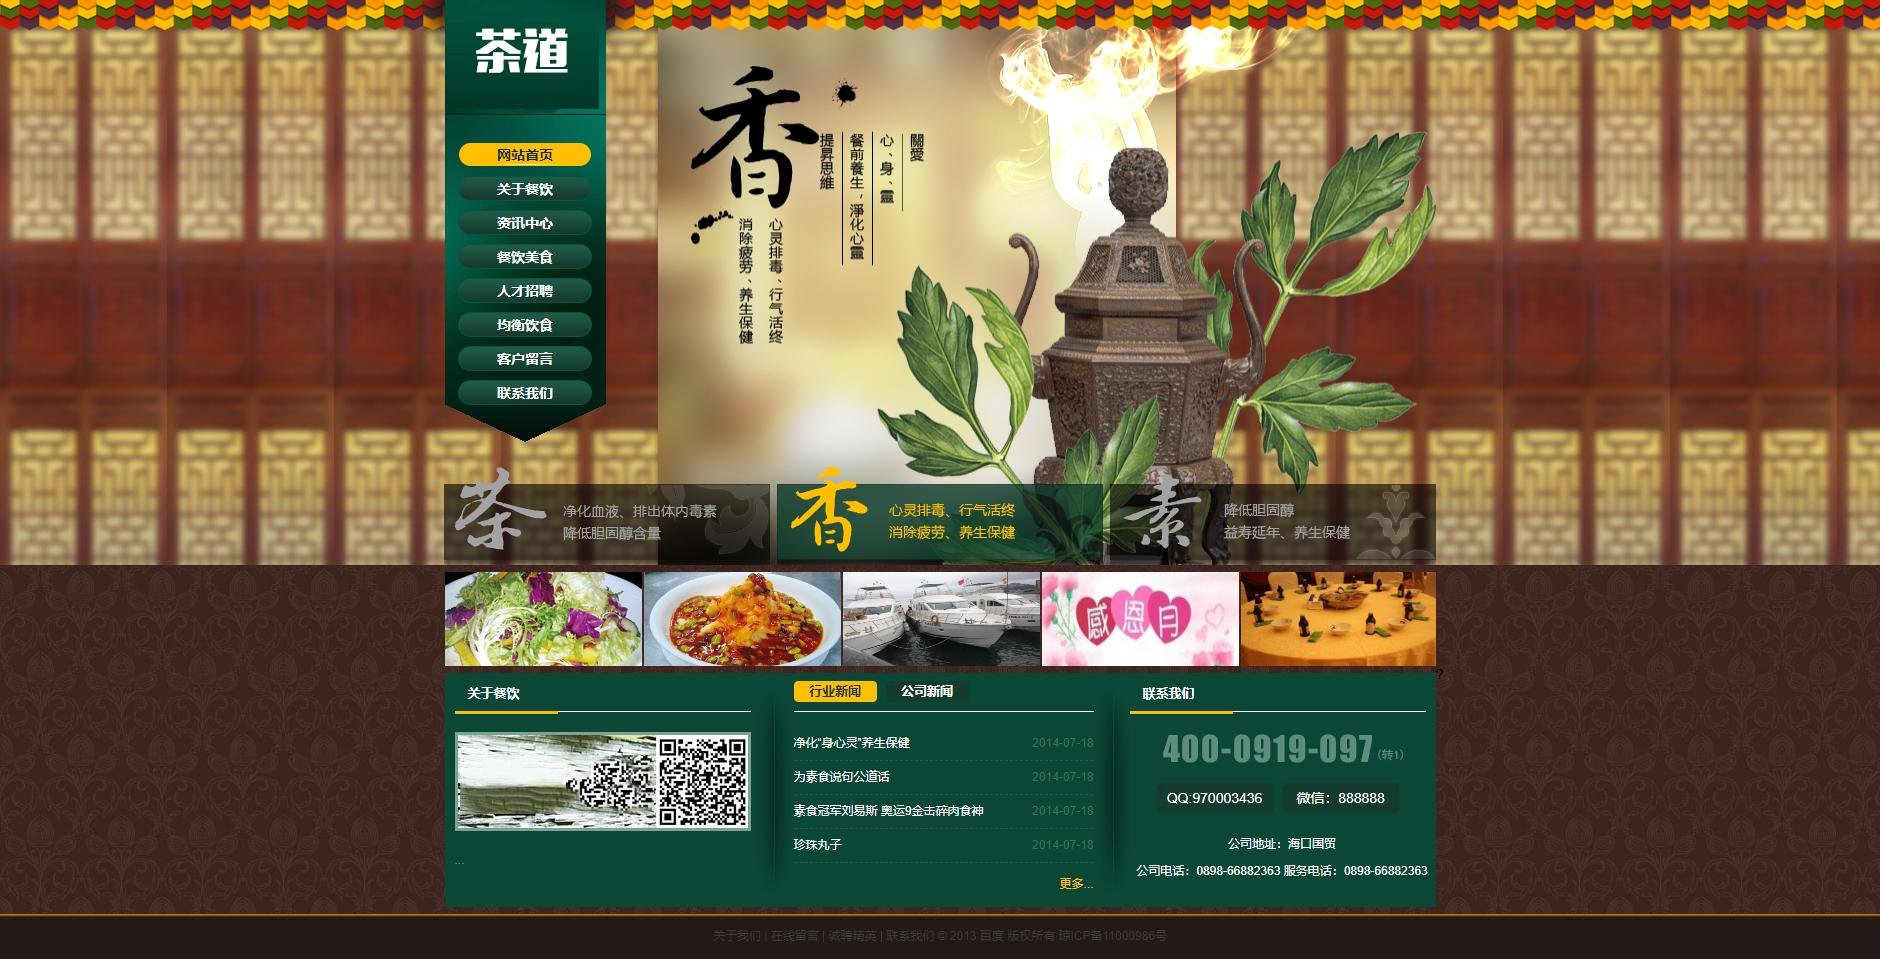 食品农业茶叶企业网站织梦dedecms模板